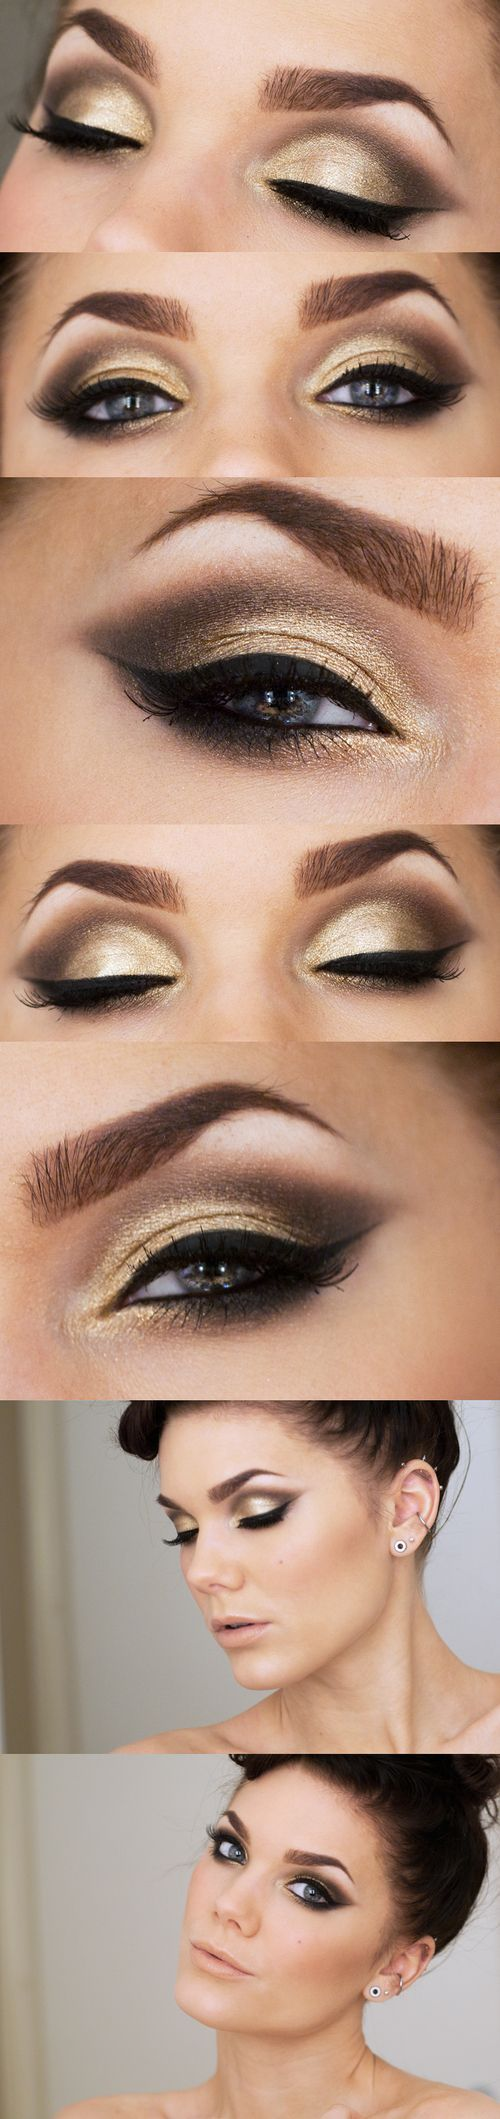 Neste look, Linda Hallberg apostou em um olhar brilhante dourado e fechou a make com lábios nude em efeito matte (fosco). Ficou lindo e super sofisticado!